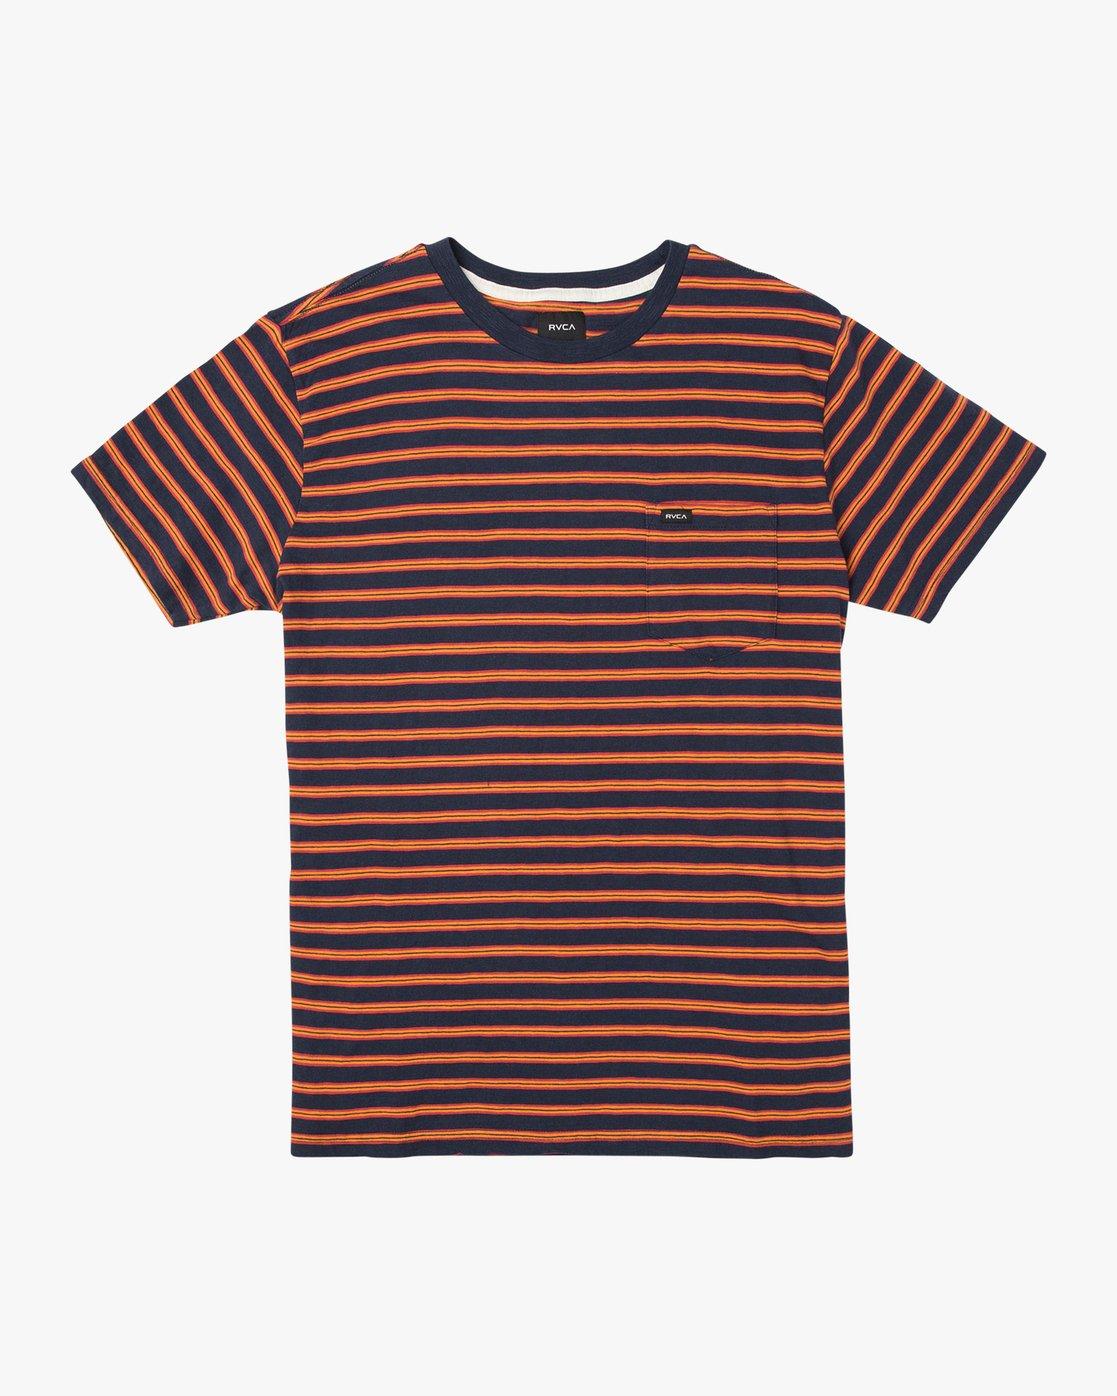 0 Vincent Stripe Crew Knit Shirt Blue M904URVS RVCA